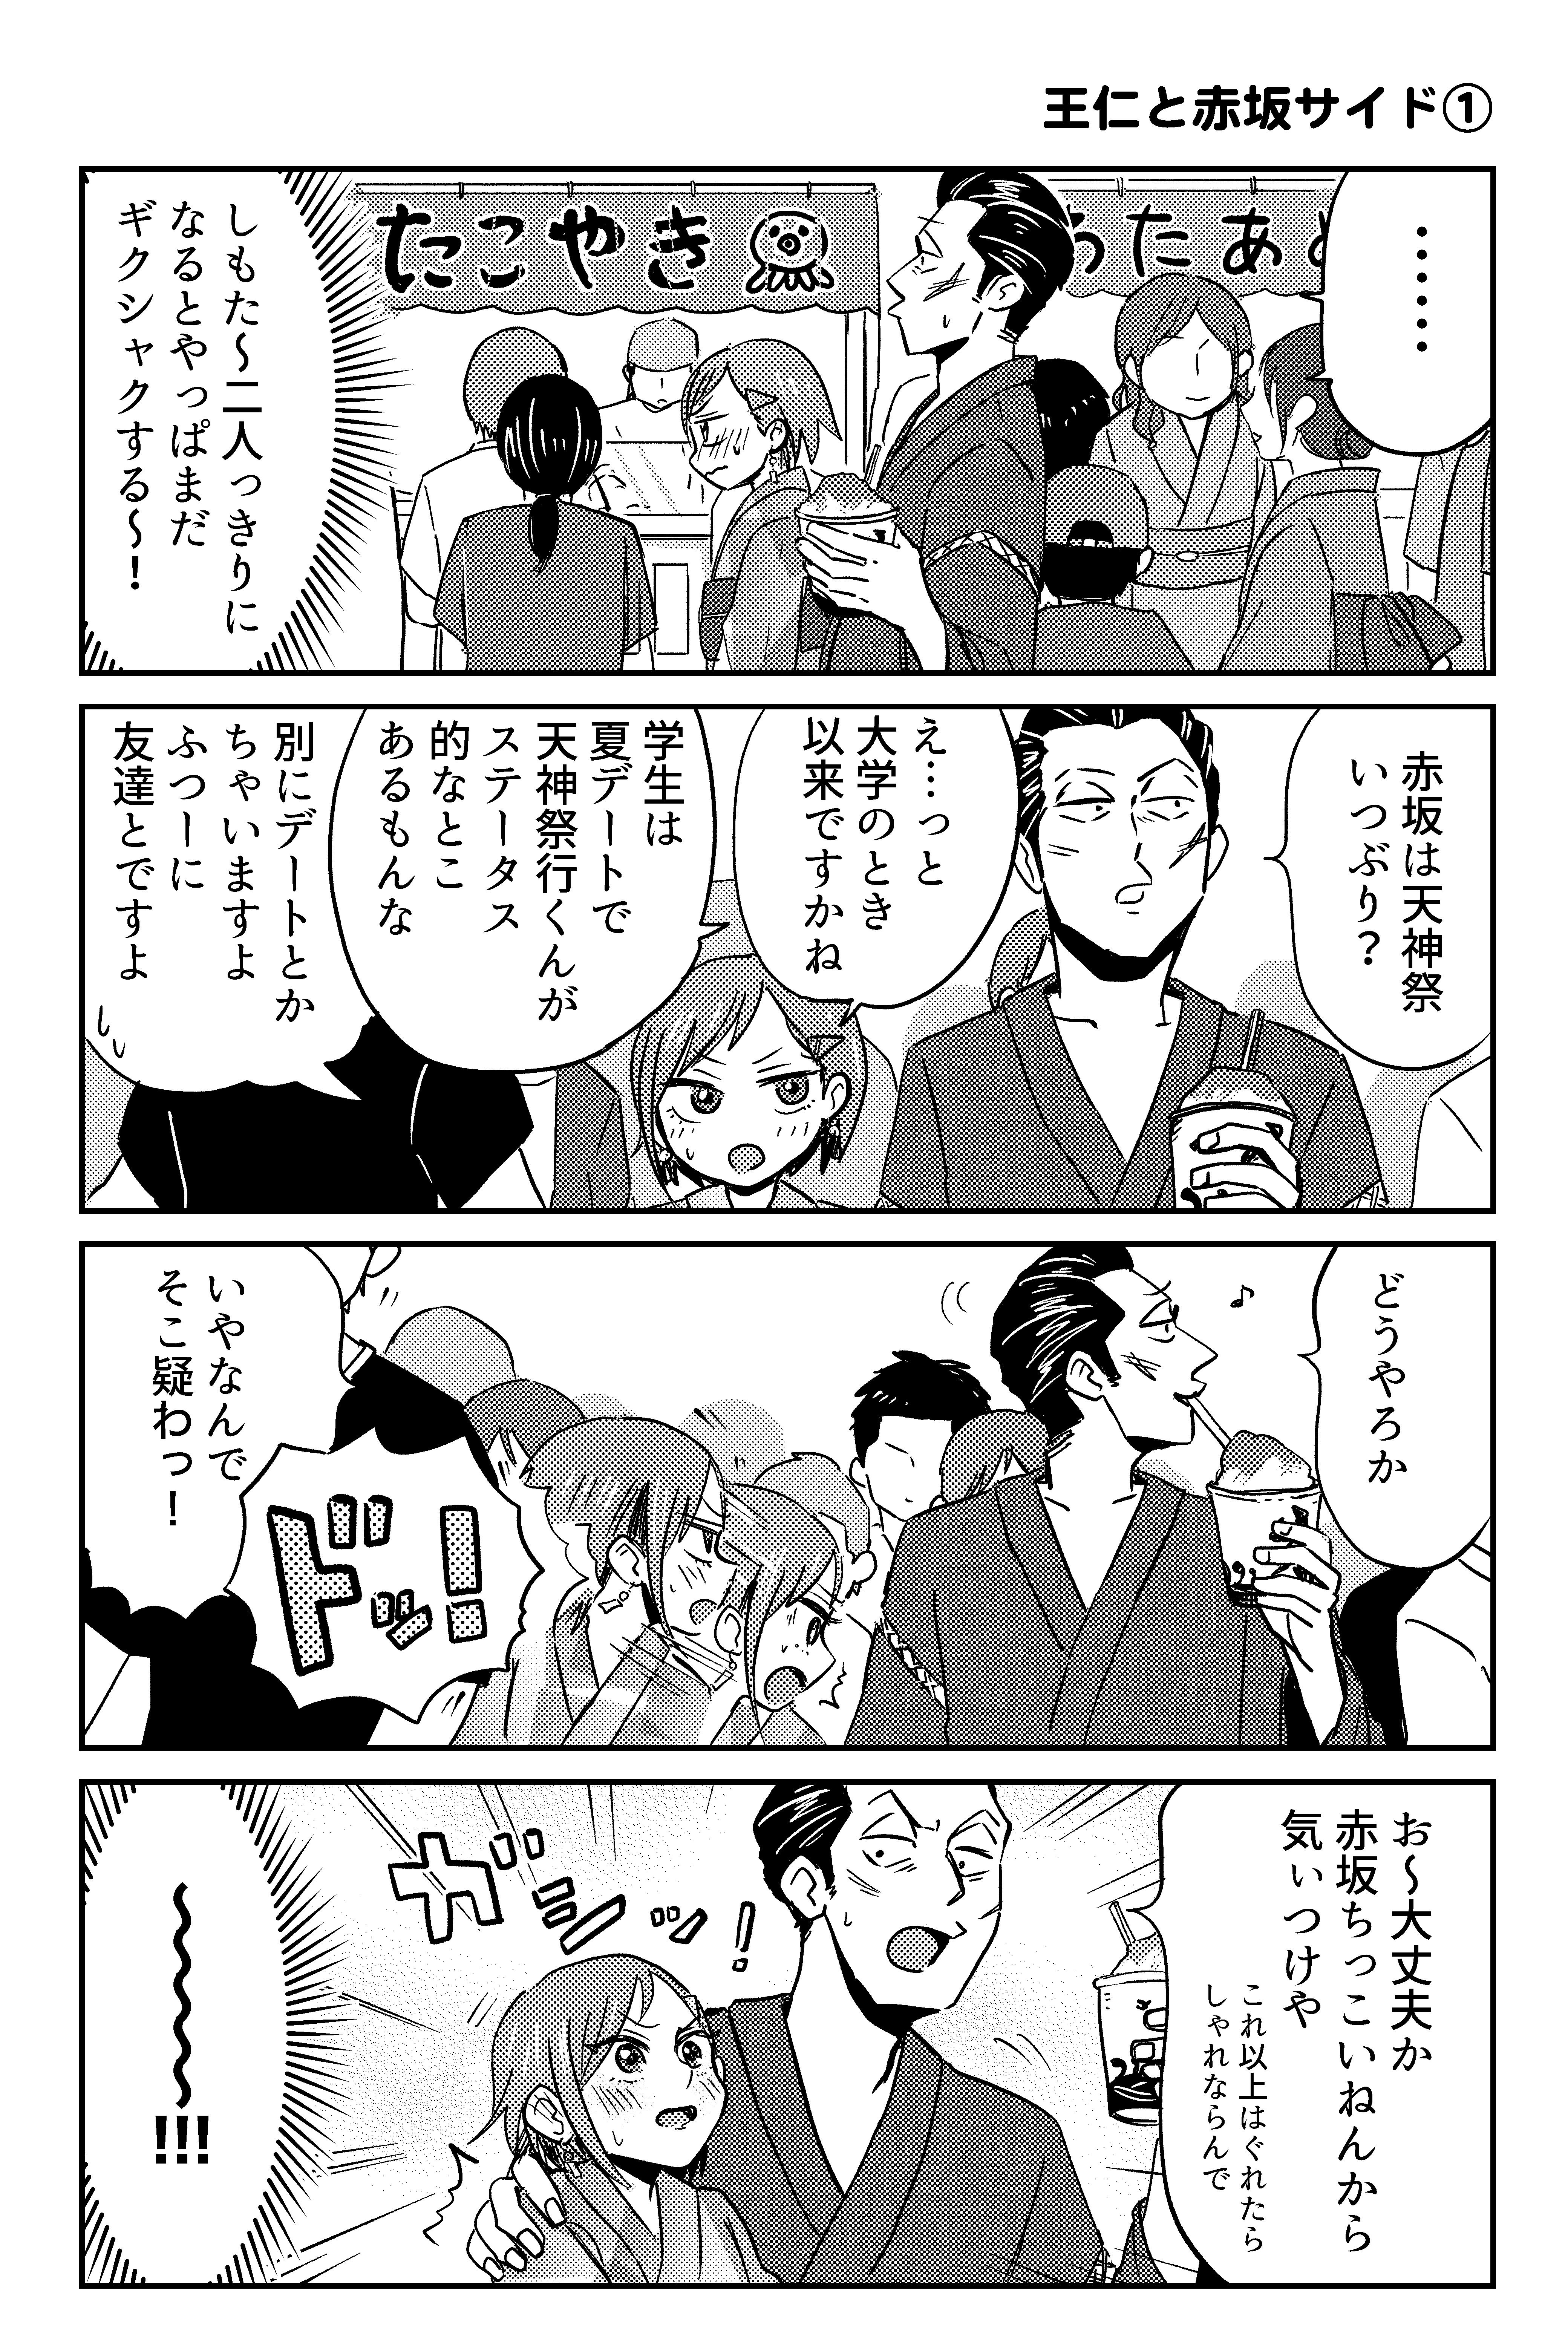 大阪ちゅーとリアル(天神祭から大阪の夏がはじまる…!)